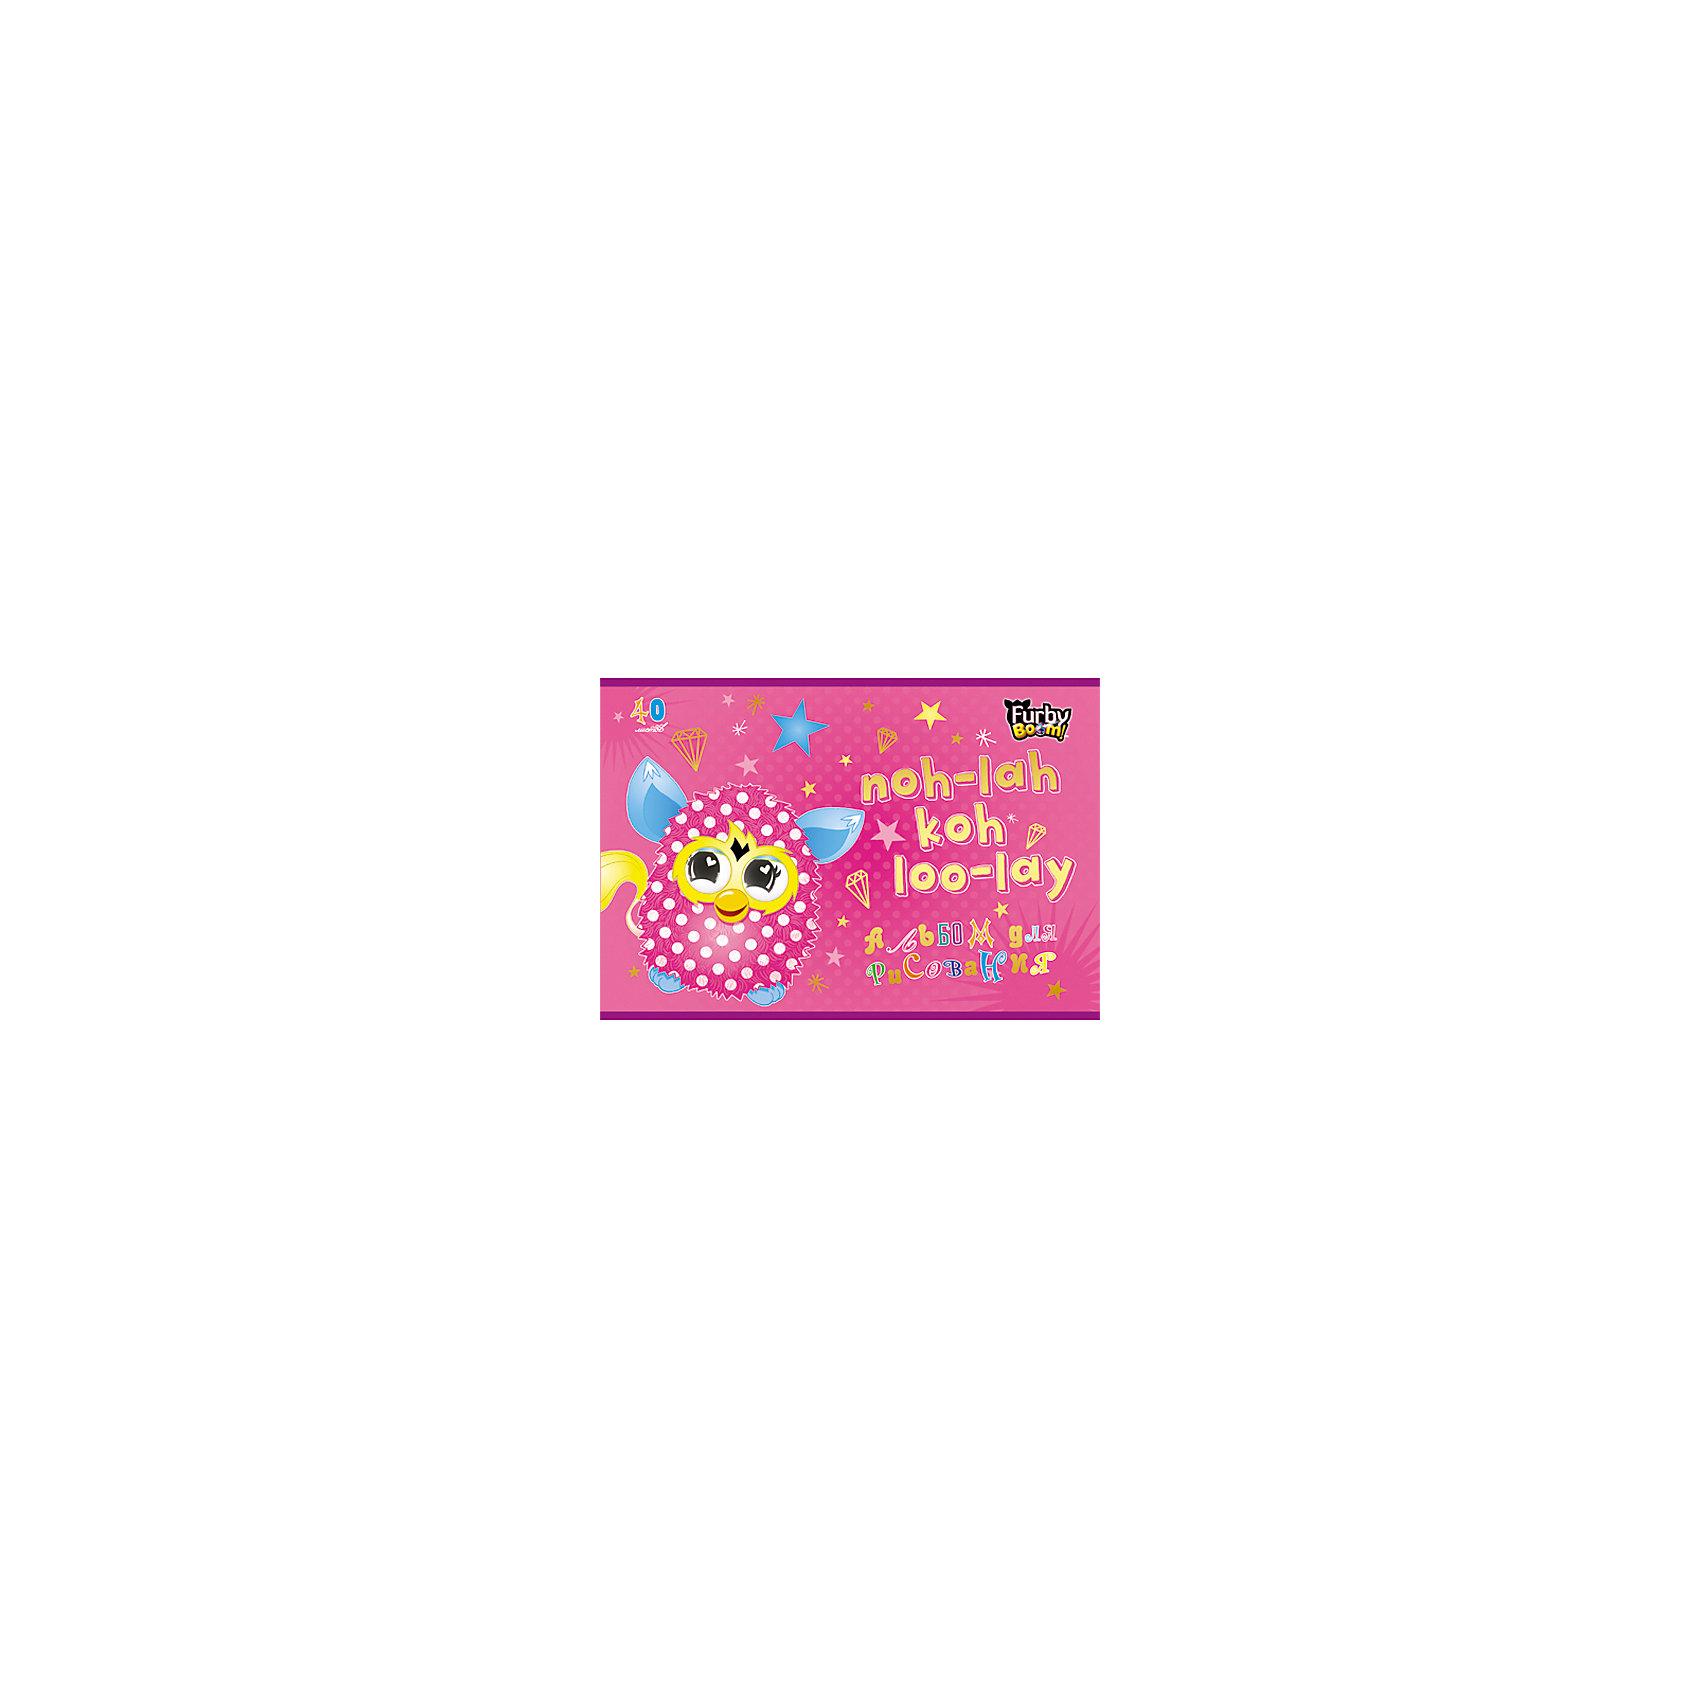 Альбом для рисования Розовый Ферби, 40лАльбом для рисования Розовый Ферби с любимыми Ферби на обложке привлекут внимание и вызовут интерес к творчеству. Рисование хорошо развивает аккуратность, усидчивость и художественные навыки. Альбом из плотной бумаги с привлекательной обложкой - то, что нужно для первых картин будущего художника!<br><br>Дополнительная информация:<br>Количество листов: 40<br>Скрепление: скрепка<br>Обложка: мелованный картон, тиснение фольгой Золото, сплошной глянцевый лак<br>Бумага: офсет, плотностью 120 г/м2<br>Альбом для рисования Розовый Ферби вы можете приобрести в нашем интернет-магазине.<br><br>Ширина мм: 210<br>Глубина мм: 297<br>Высота мм: 13<br>Вес г: 272<br>Возраст от месяцев: 72<br>Возраст до месяцев: 144<br>Пол: Унисекс<br>Возраст: Детский<br>SKU: 4942444